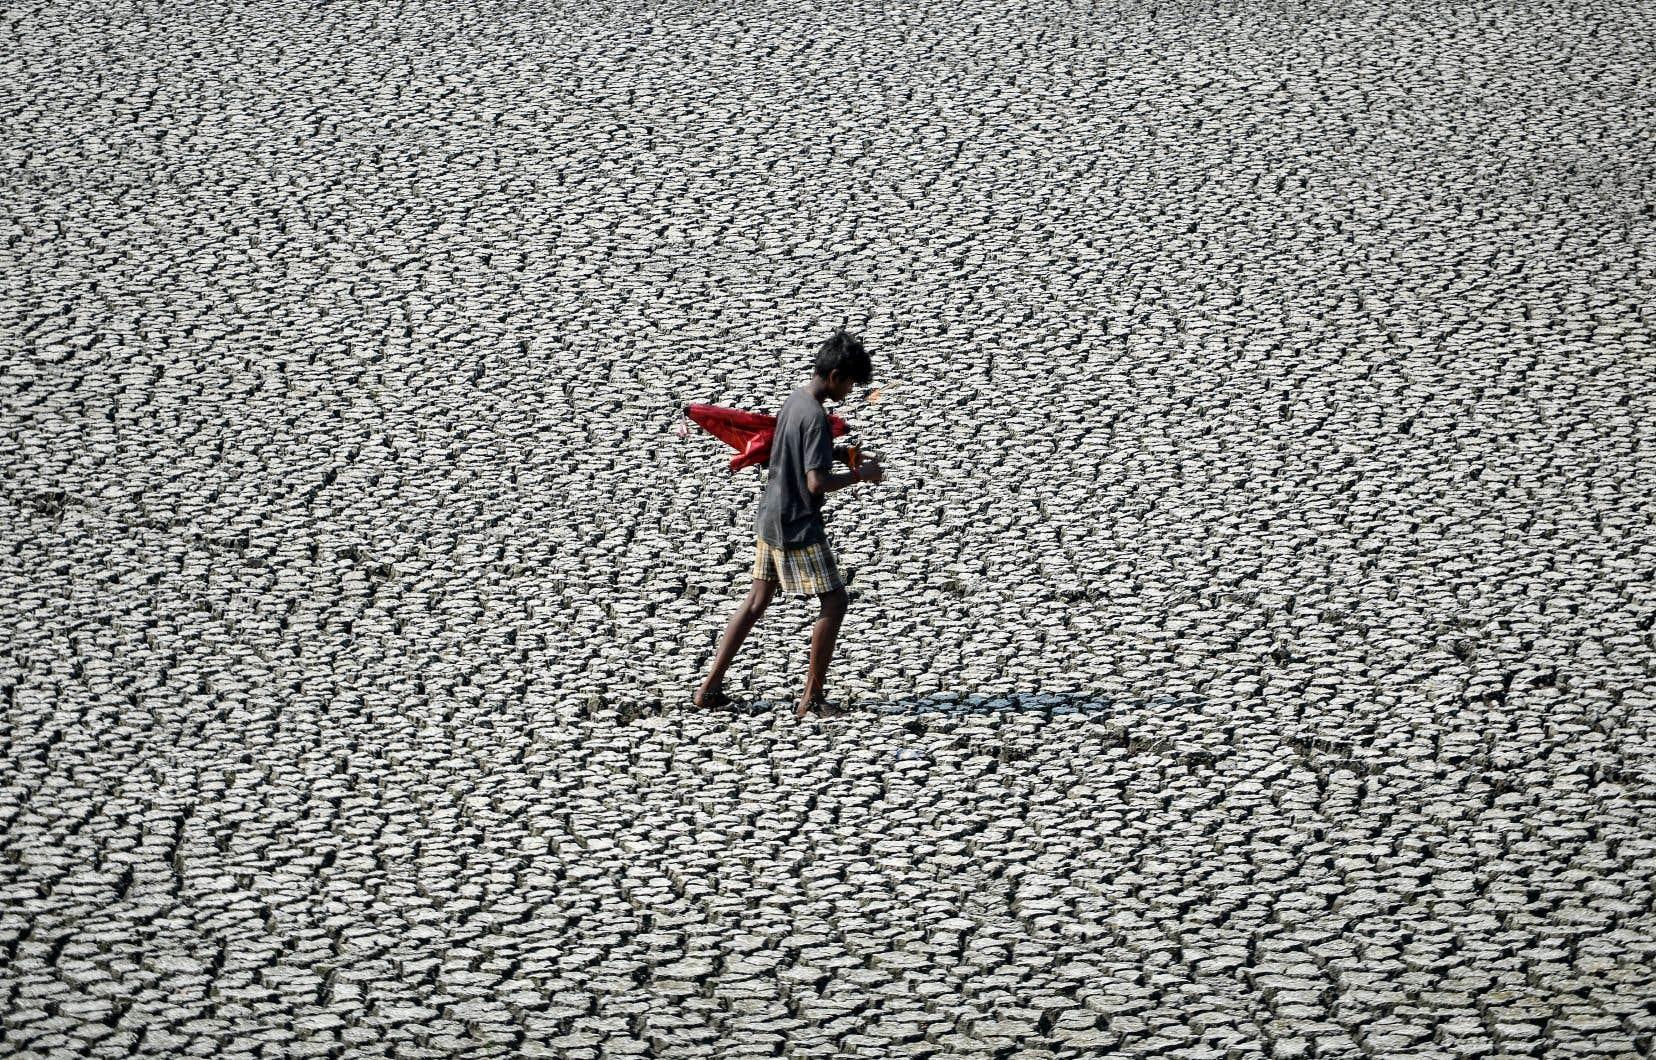 <p>Une baisse importante des émissions pourra se voir immédiatement sur les concentrations de CO2 dans l'atmosphère, mais pas sur la hausse des températures qui est pourtant responsable de la multiplication des événements météo extrêmes.</p>